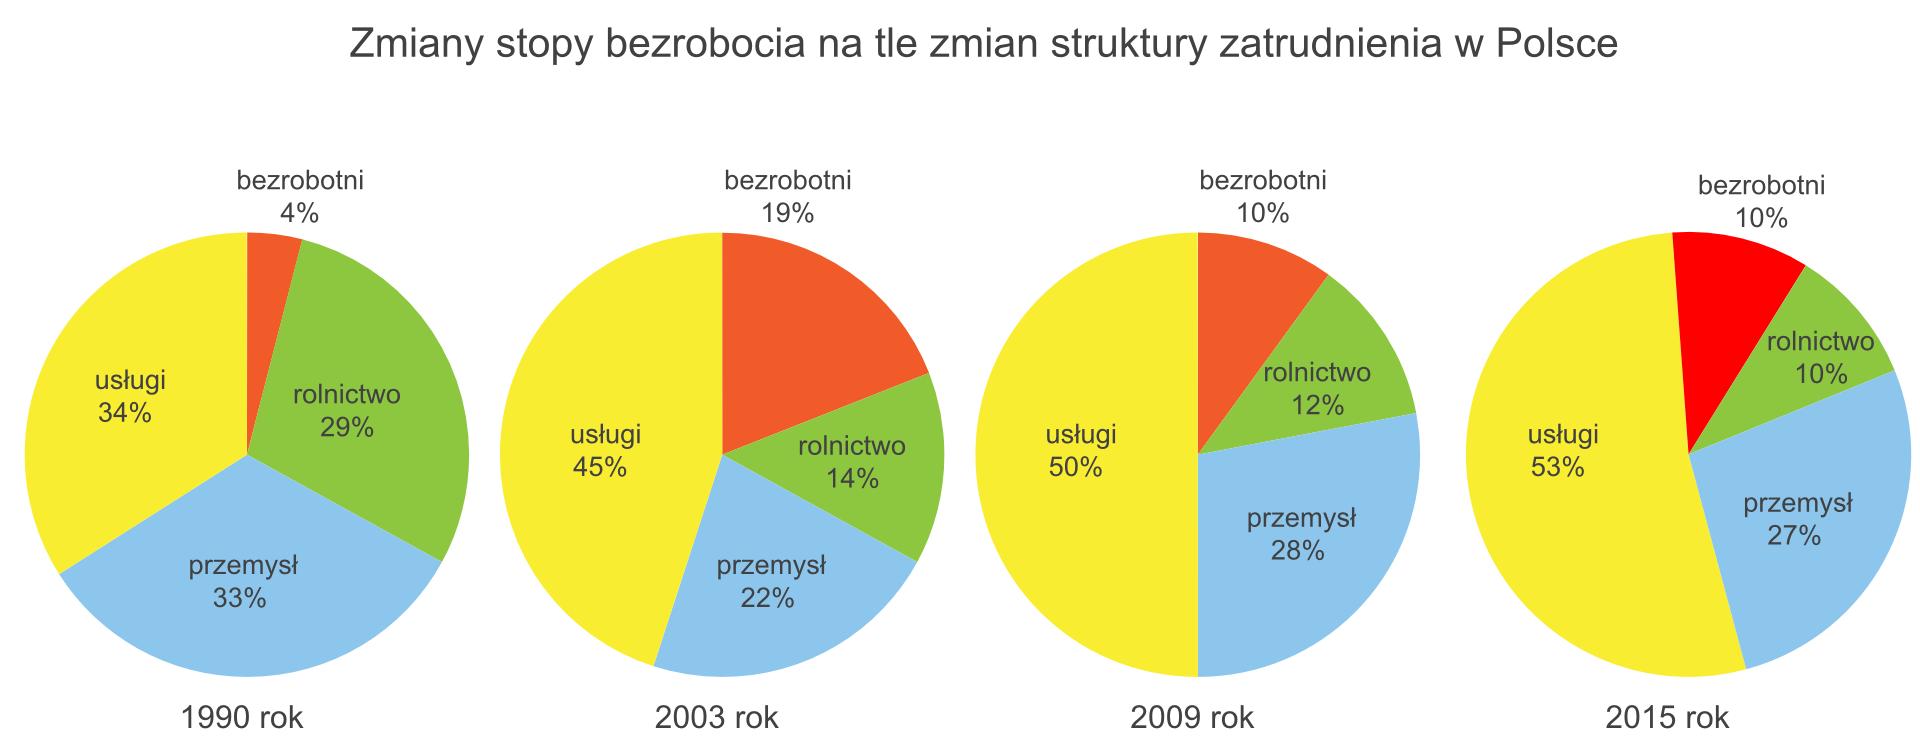 Cztery diagramy kołowe dla lat 1990, 2003, 2009, 2015. 1990200320092015bezrobotni4,00%19,00%10,00%10,00%rolnictwo29,00%14,00%12,00%10,00%przemysł33,00%22,00% 28,00%27,00%usługi34,00%45,00%50,00%53,00%